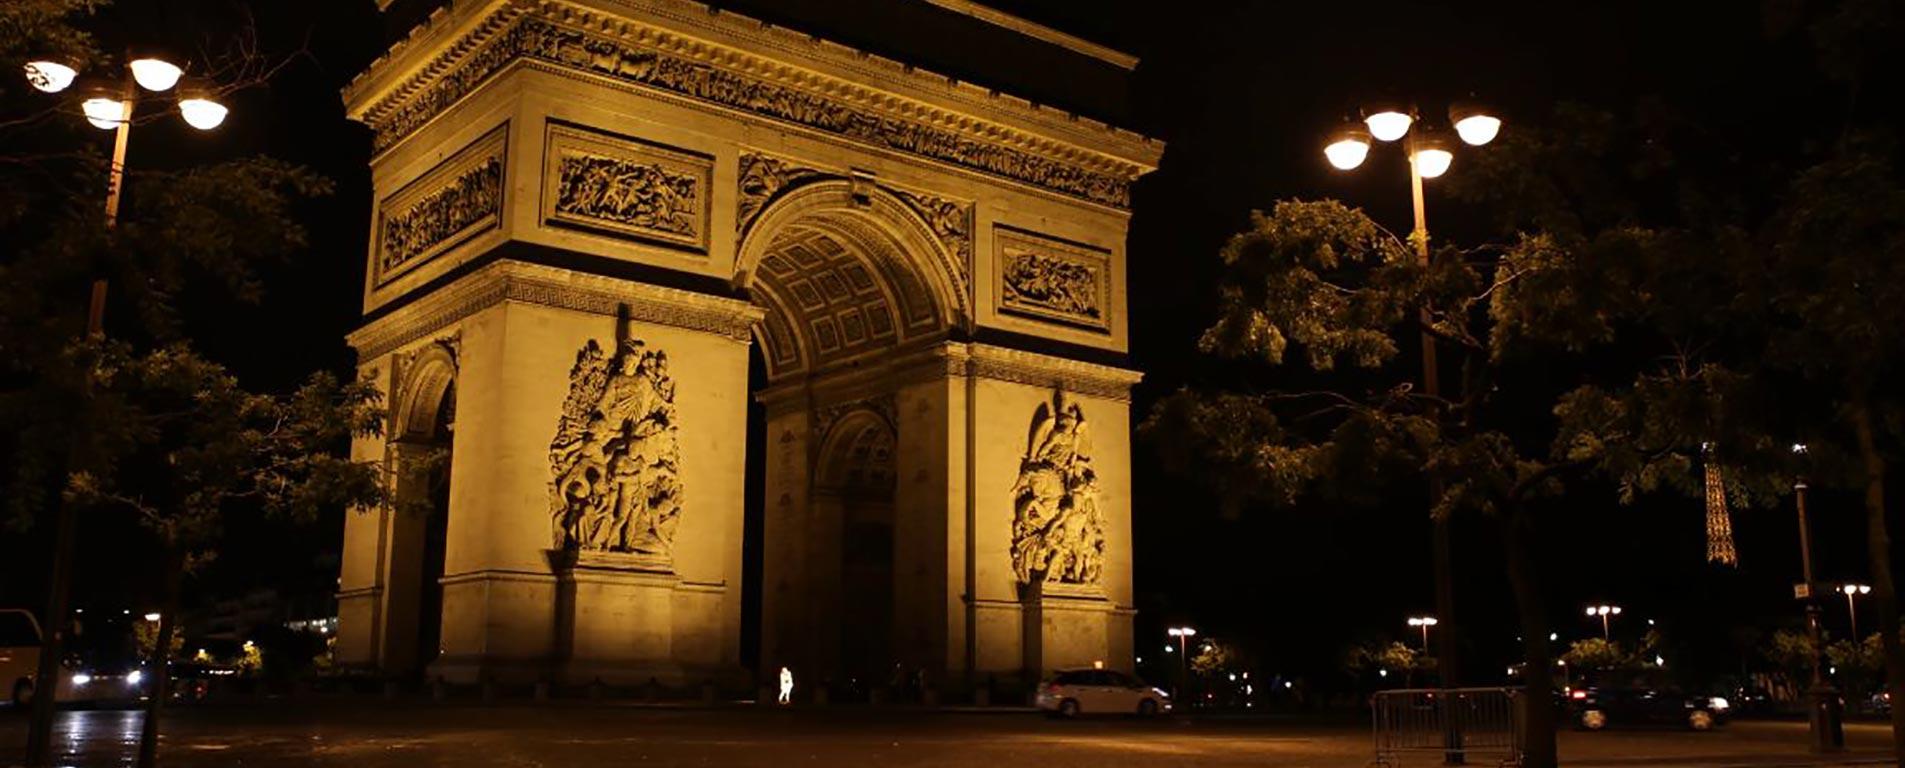 گردشگری در فرانسه و محبوبترین مقصدهای فرانسویان